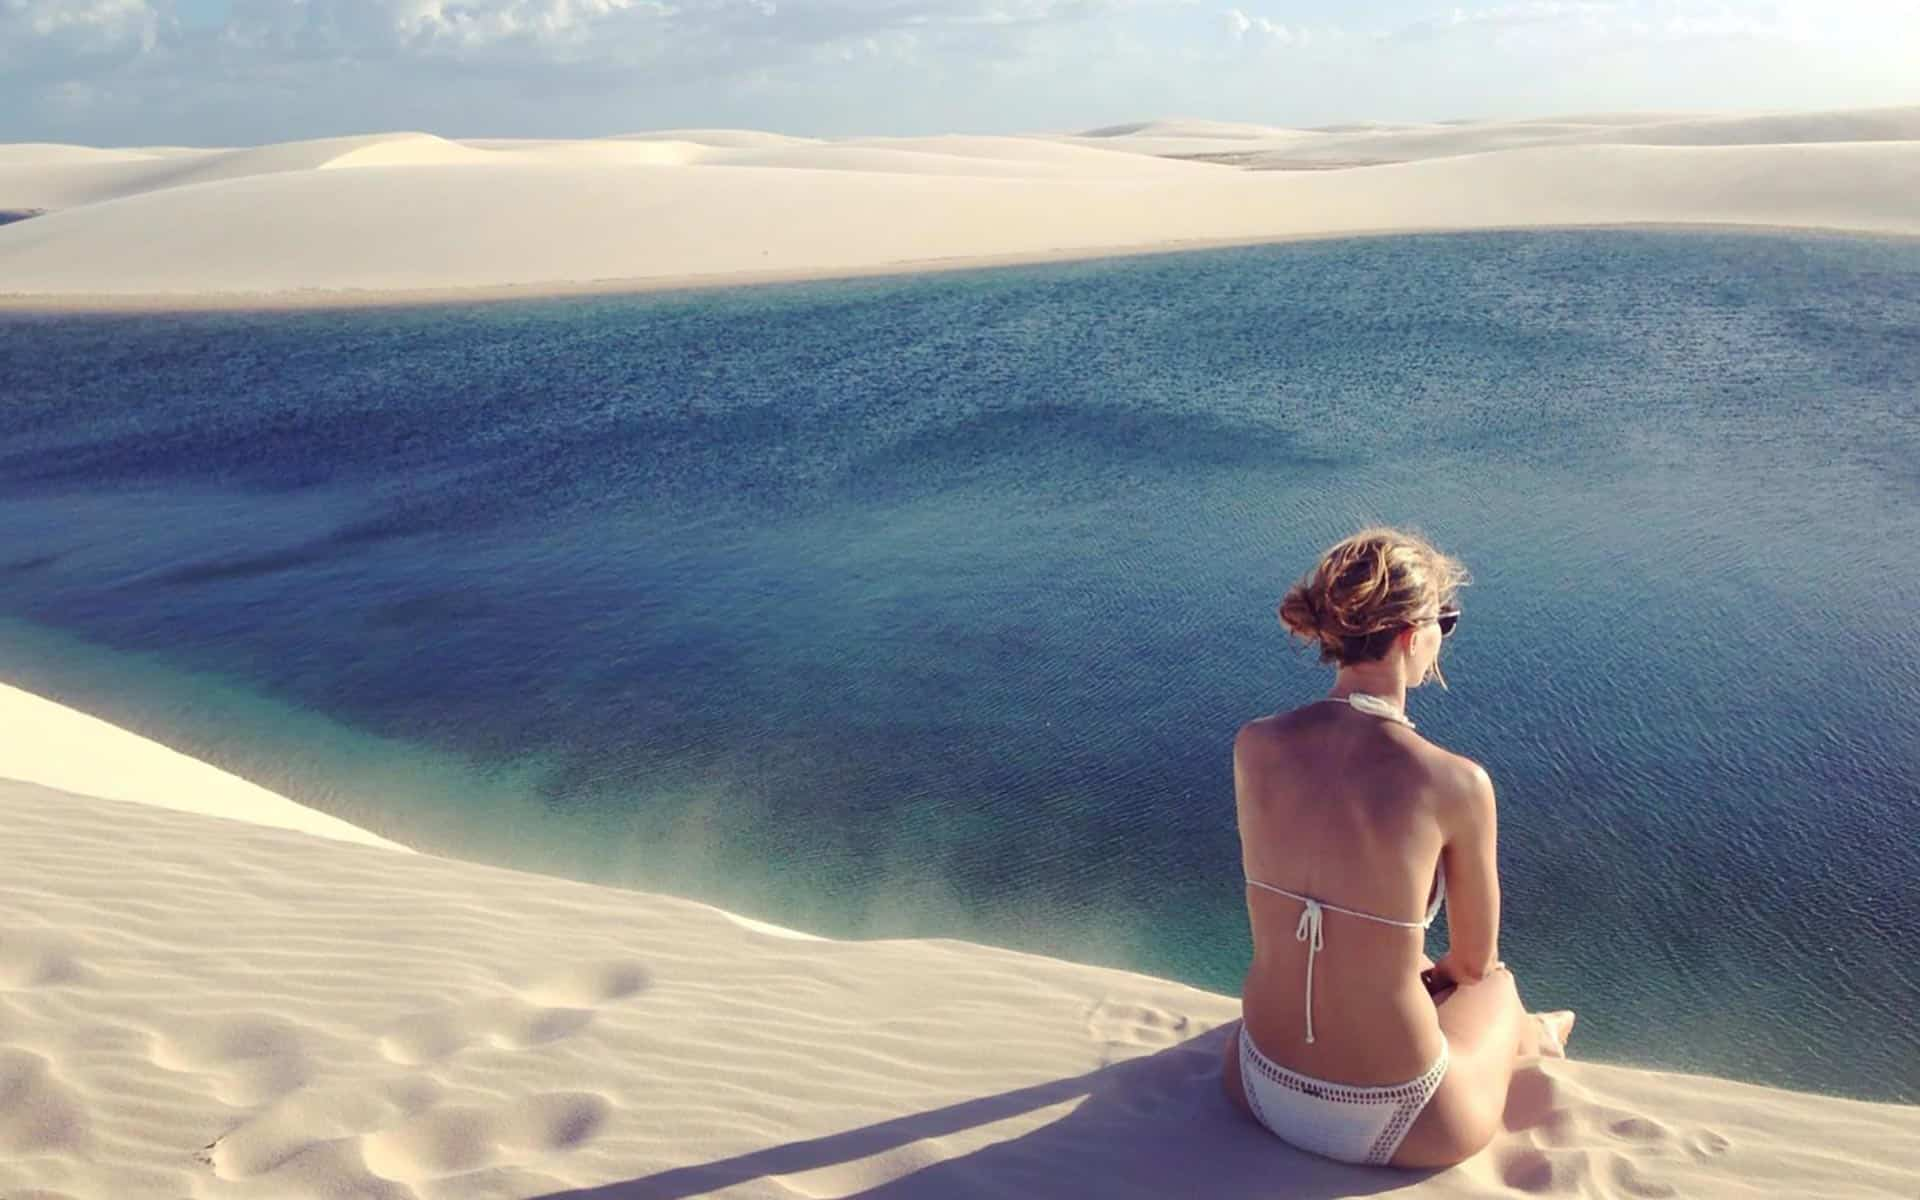 Lencois Maranhenses Dunes